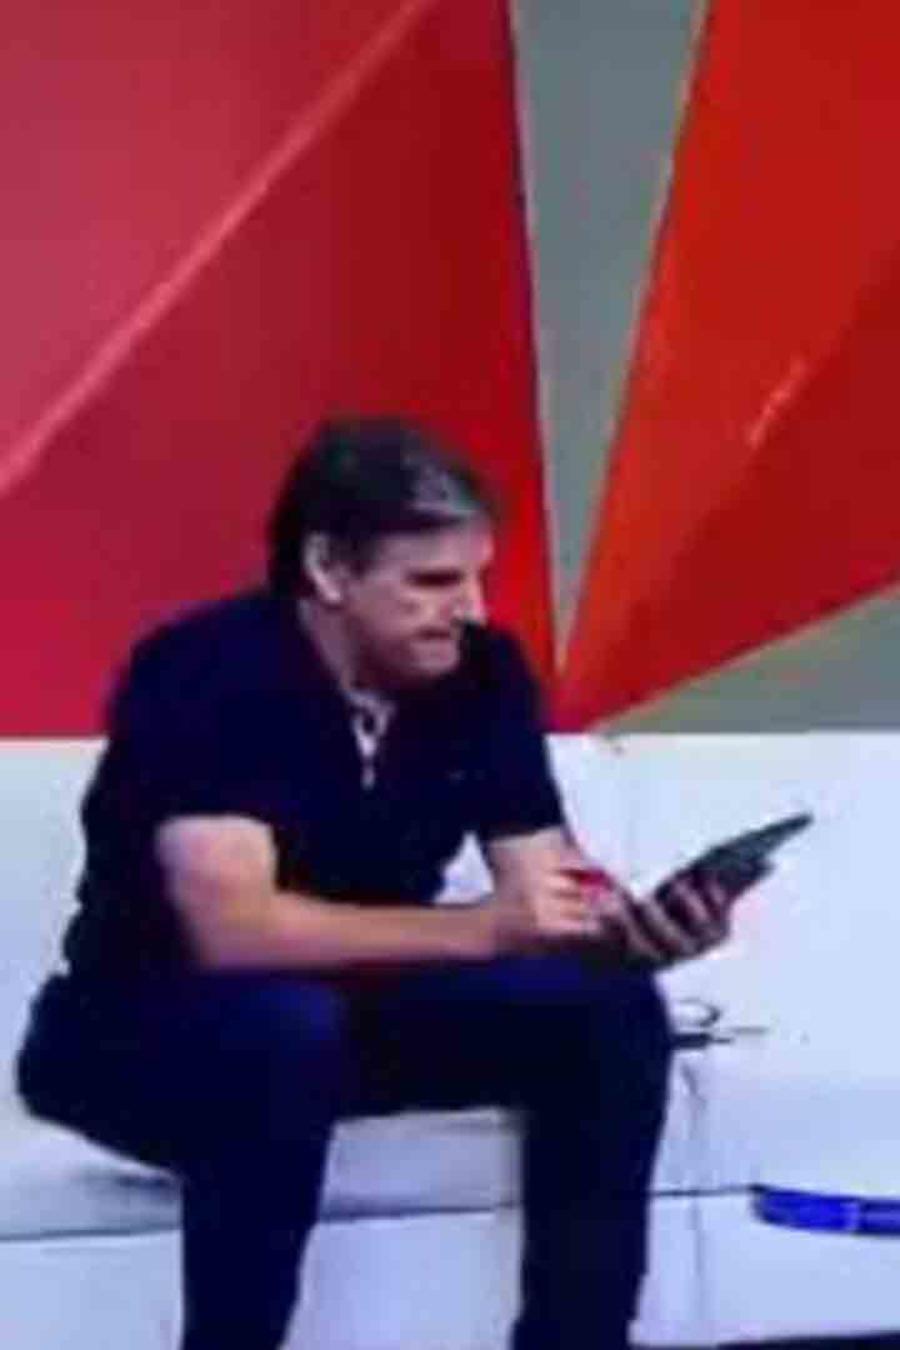 Presentador viendo el celular